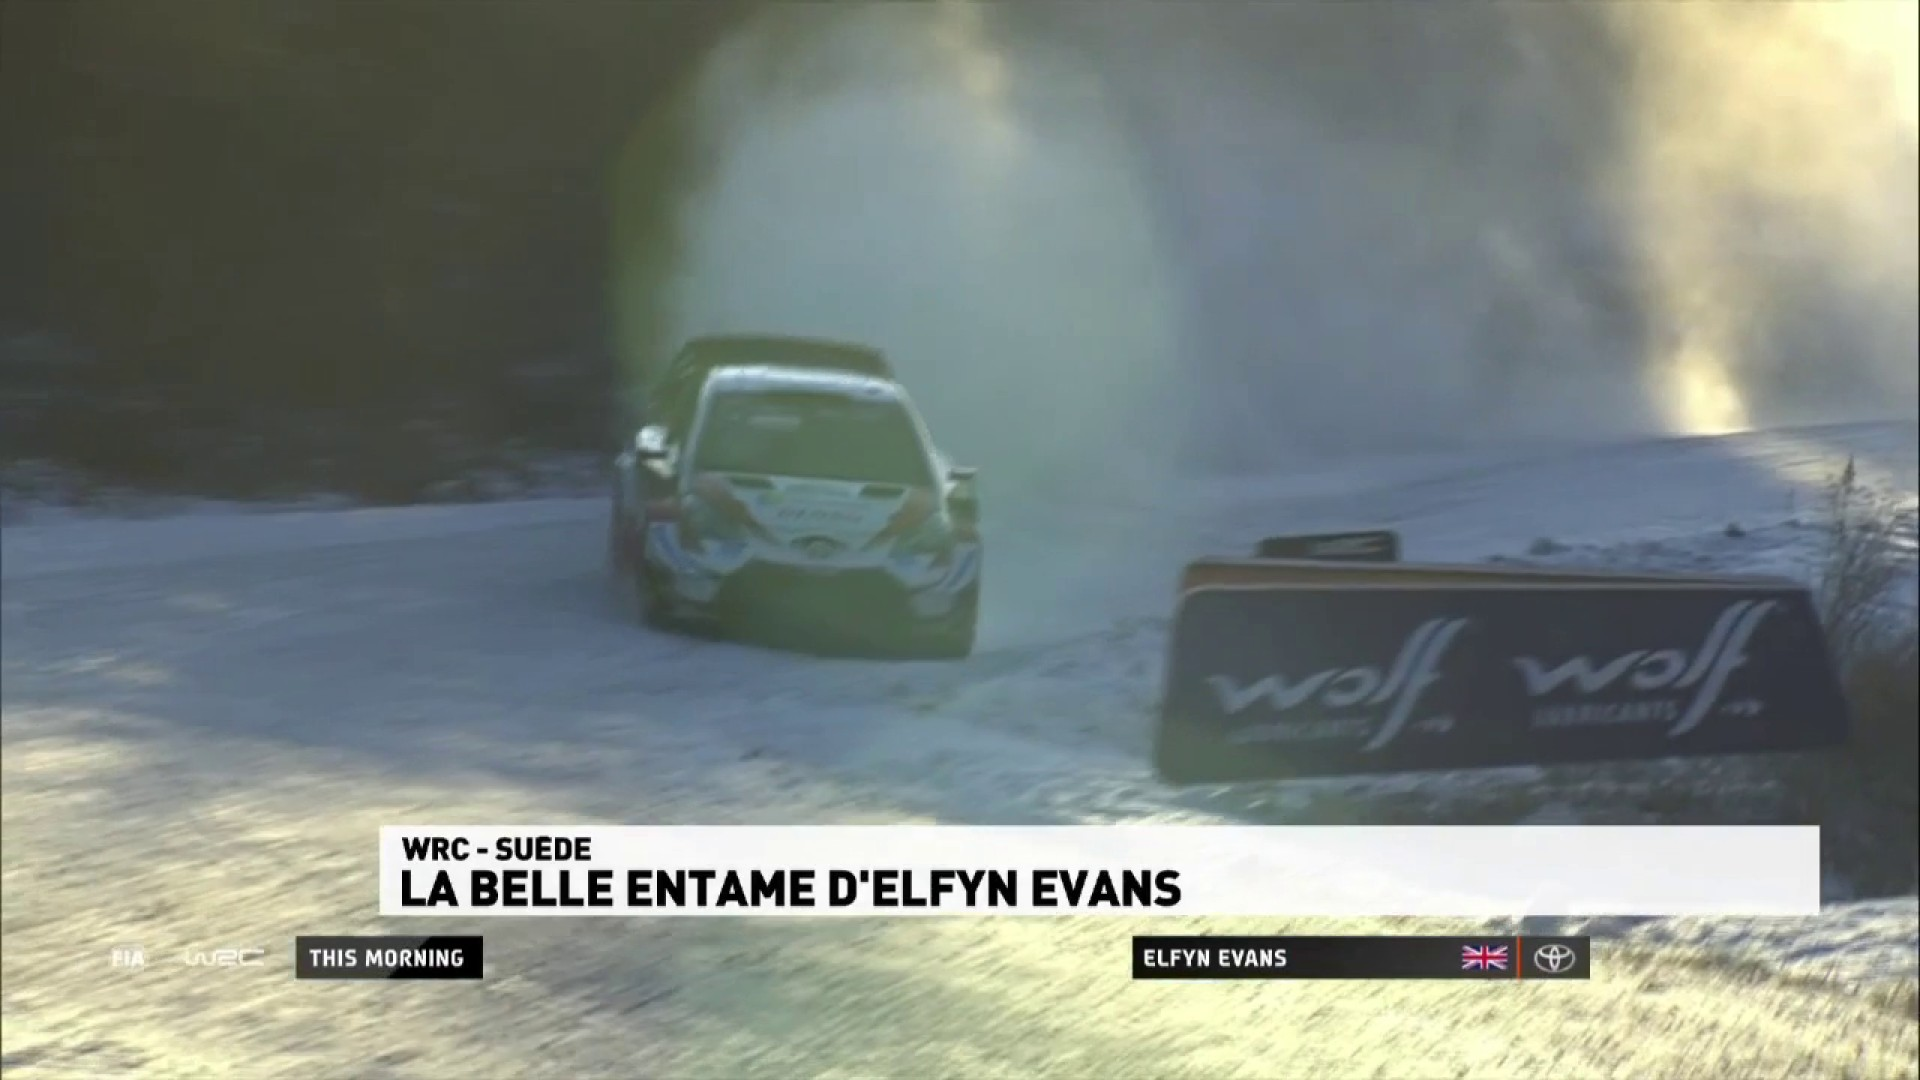 Rallye de Suède - La belle entame d'Evans